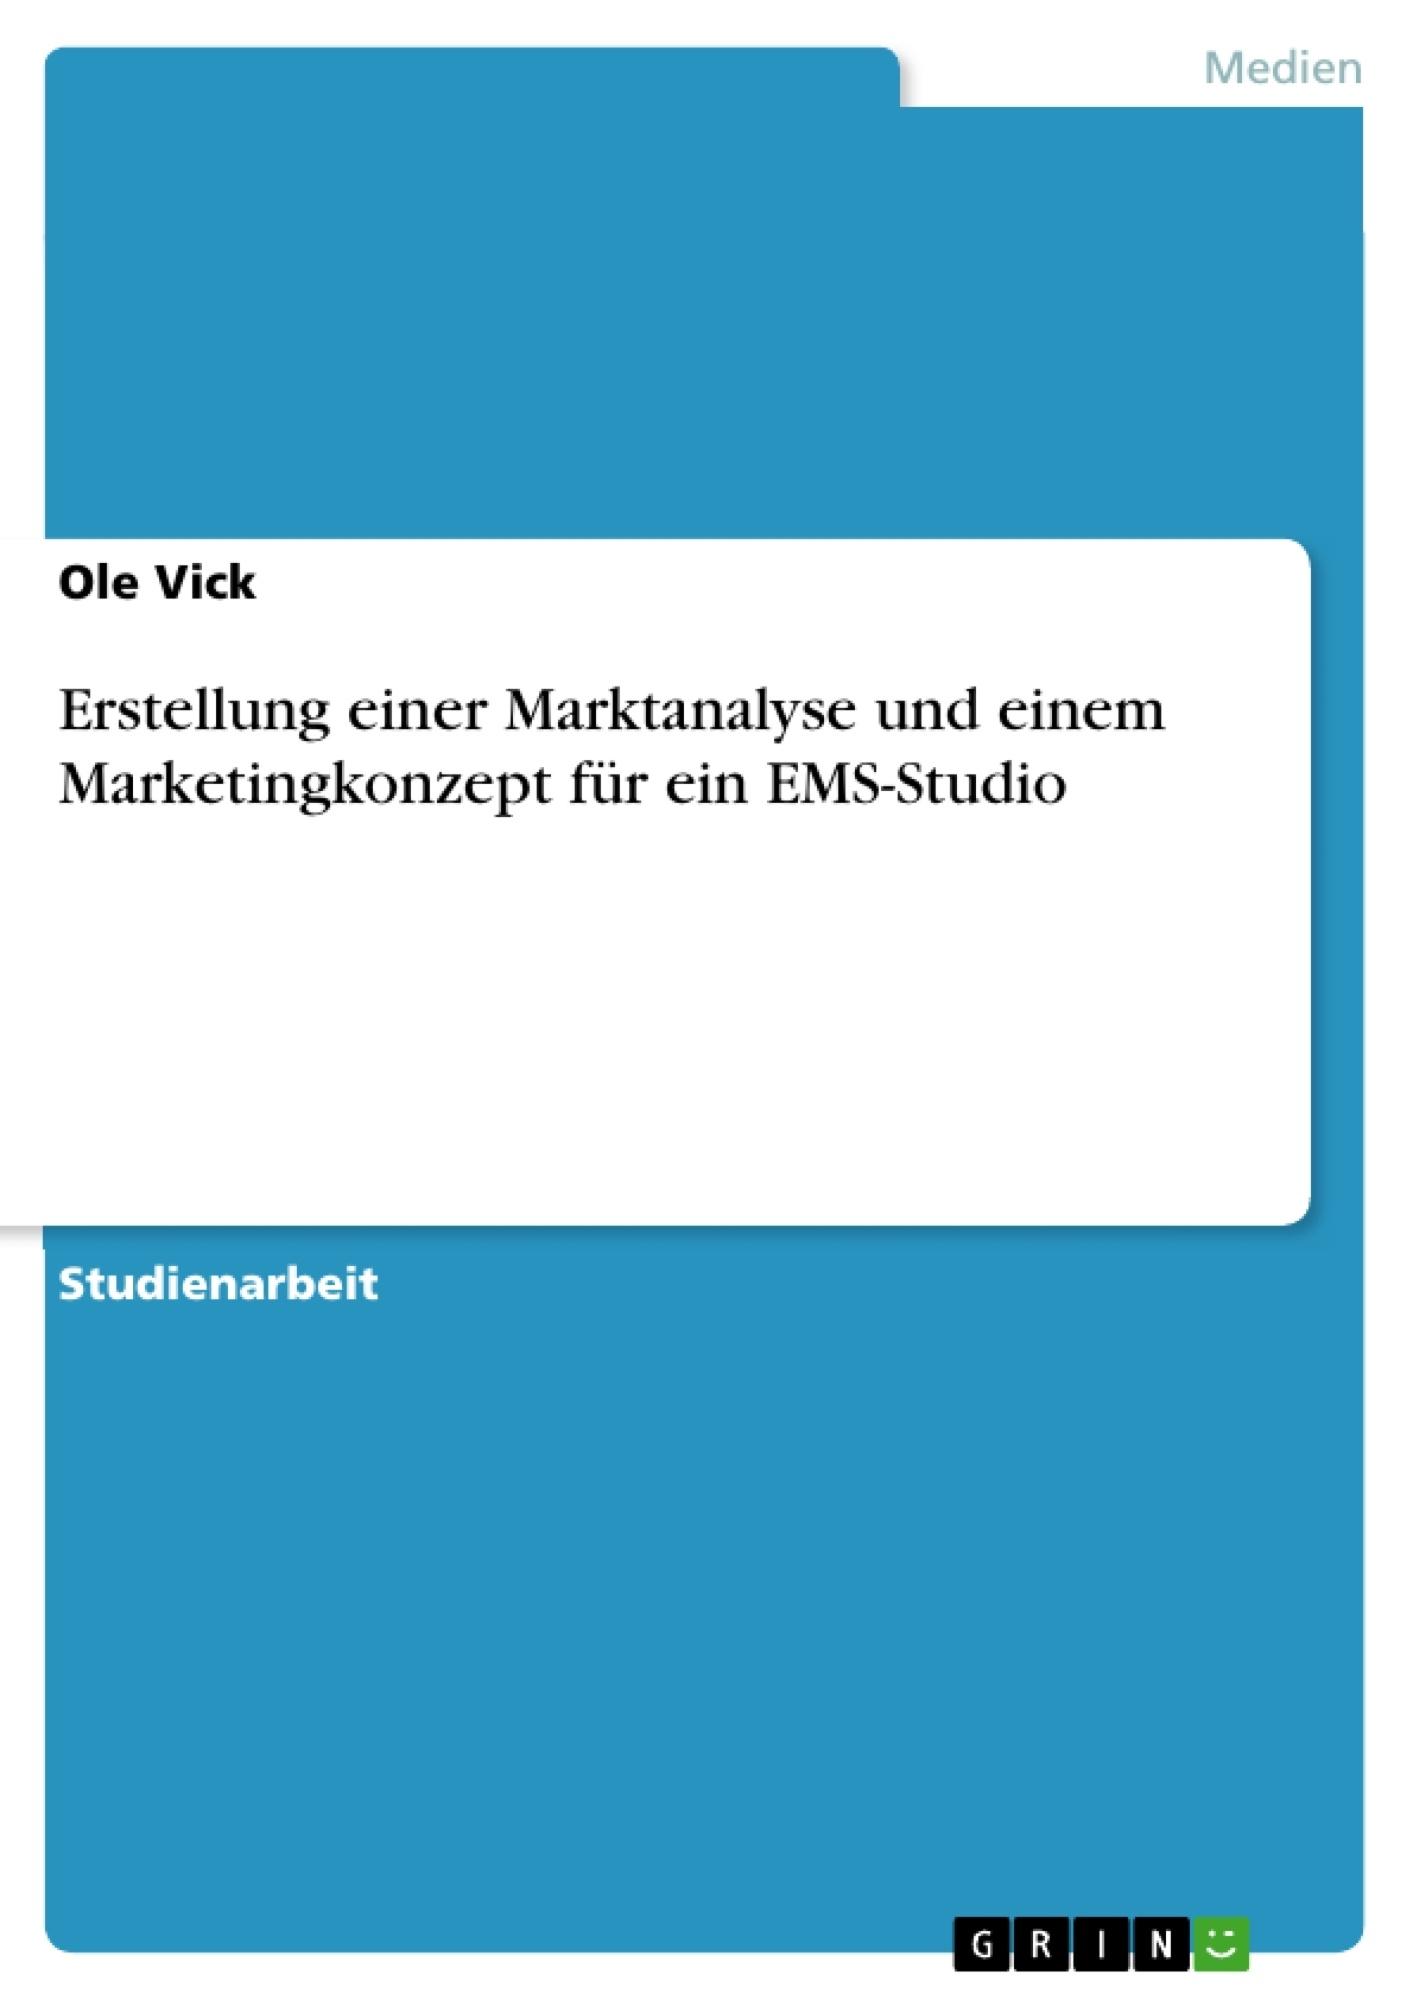 Titel: Erstellung einer Marktanalyse und einem Marketingkonzept für ein EMS-Studio